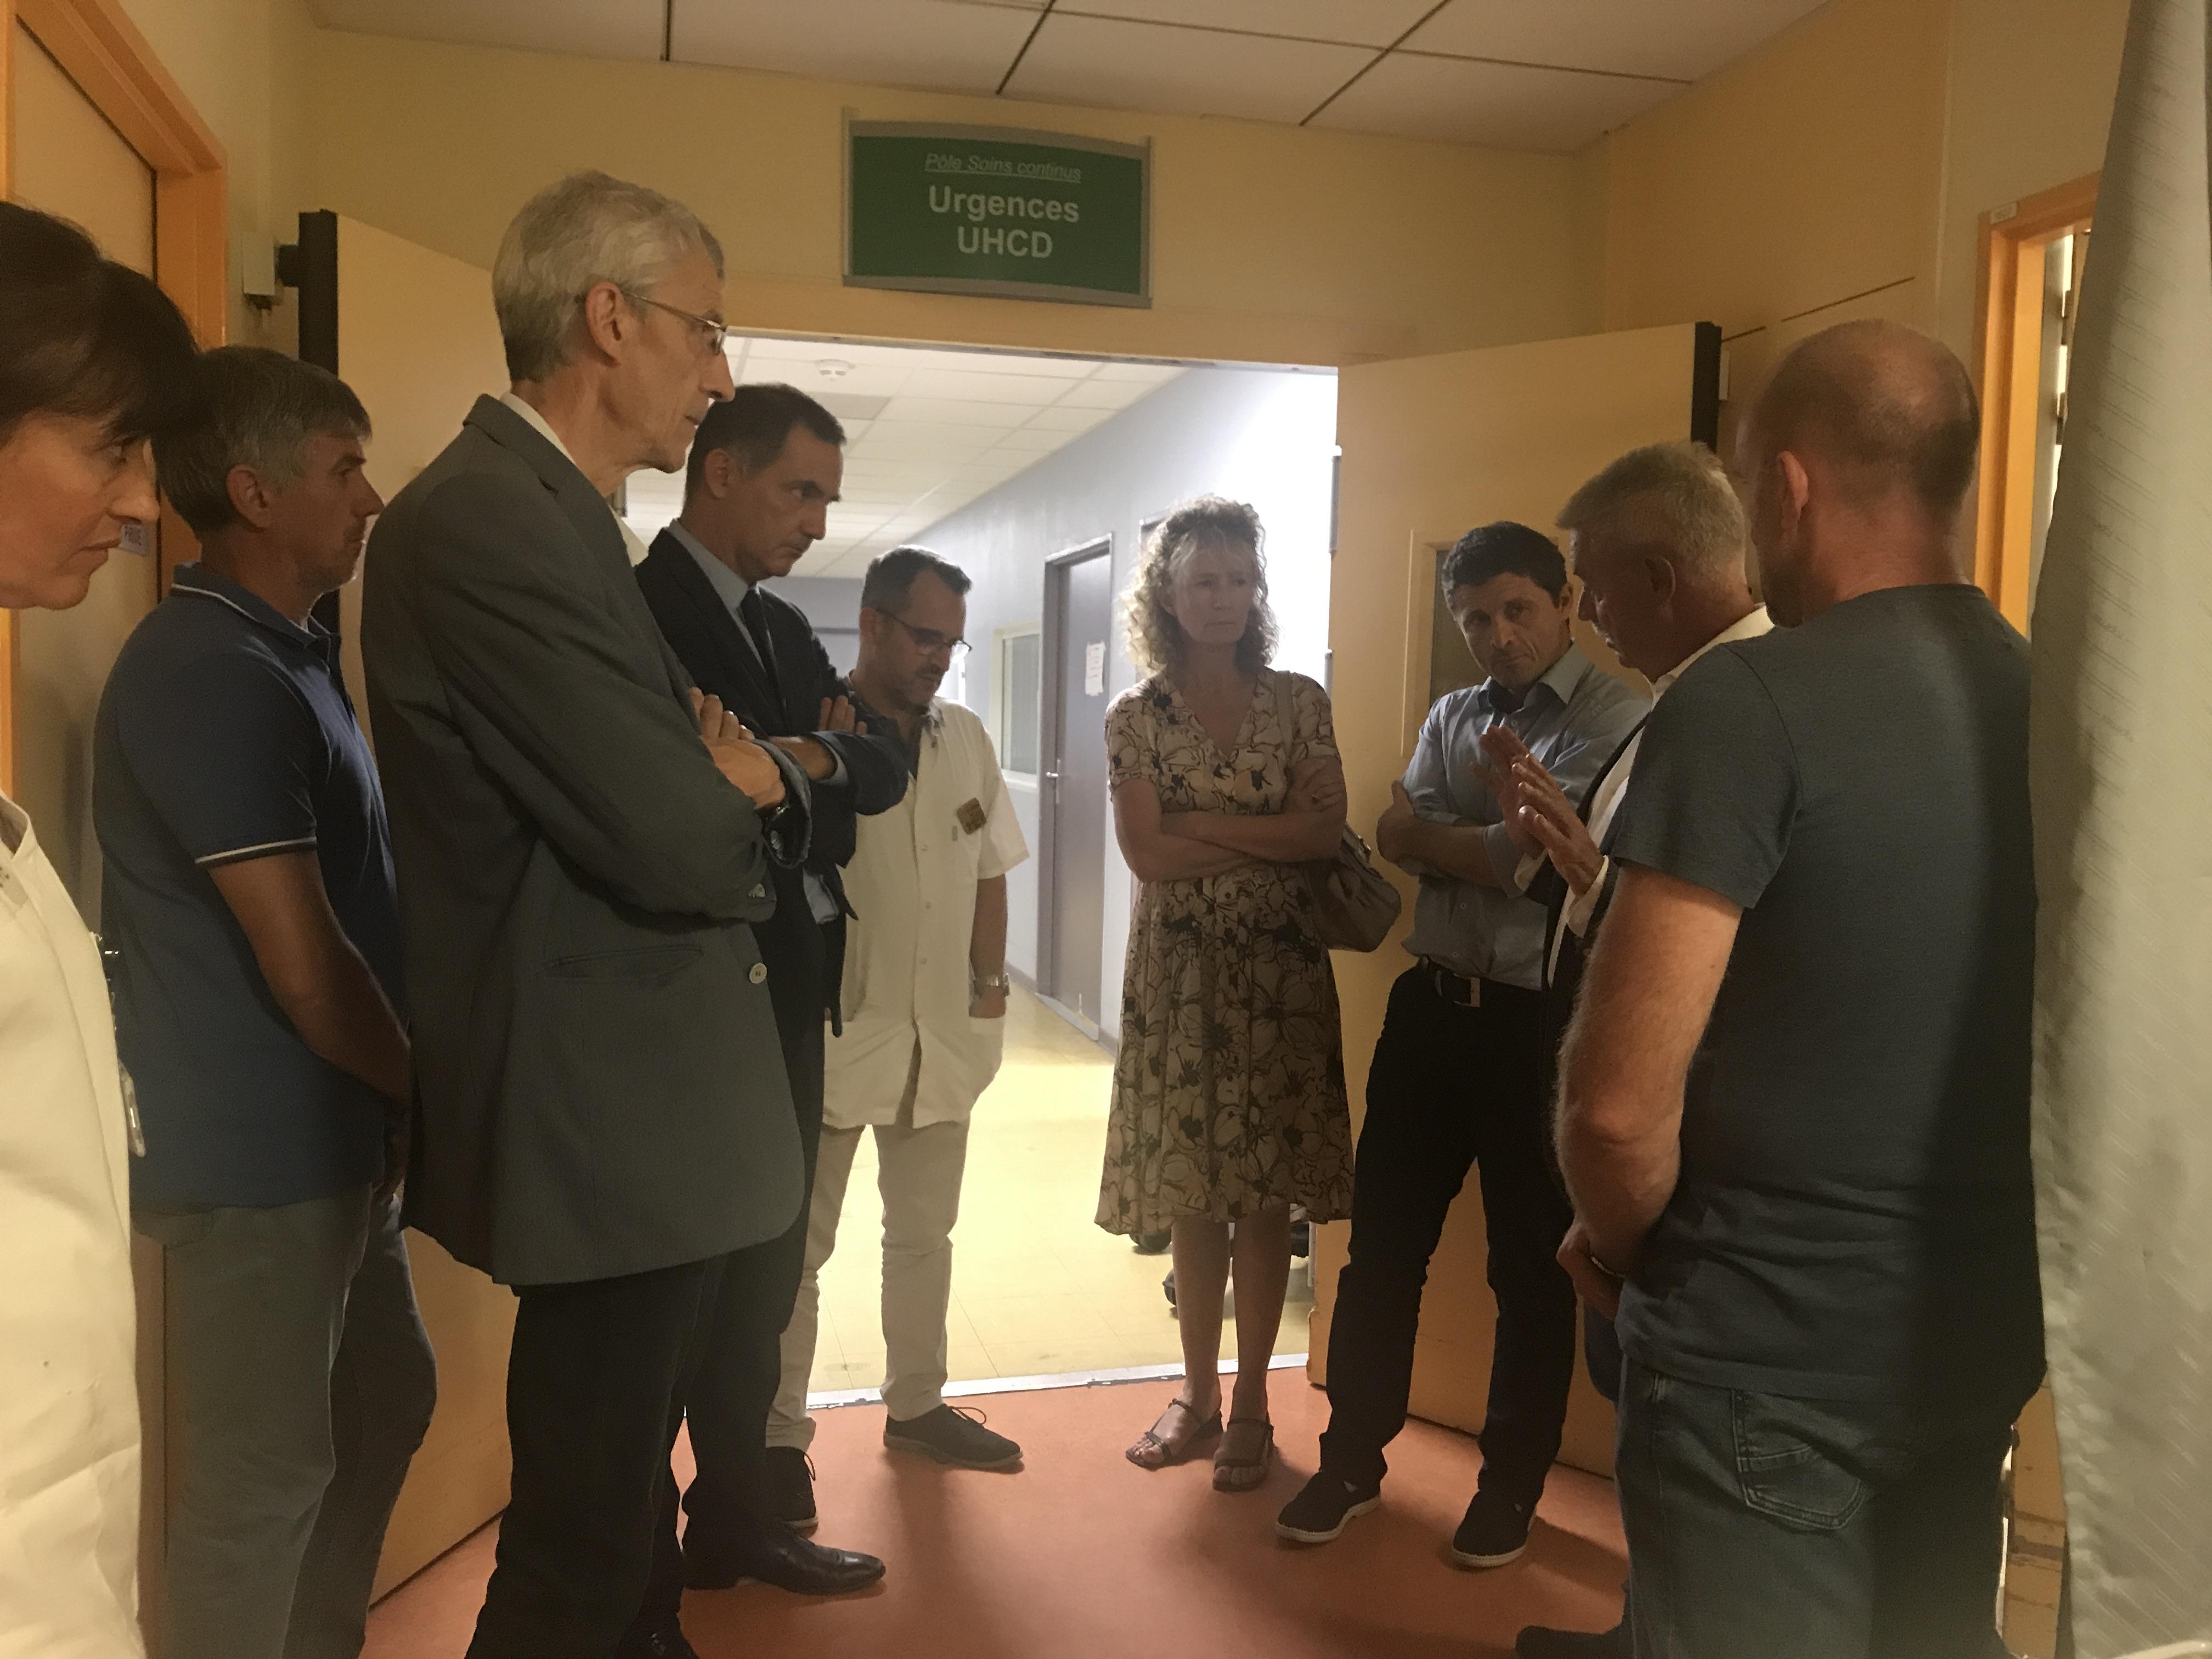 VIDEO - Grève des urgences à l'hôpital de Bastia : Gilles Simeoni se rend sur place